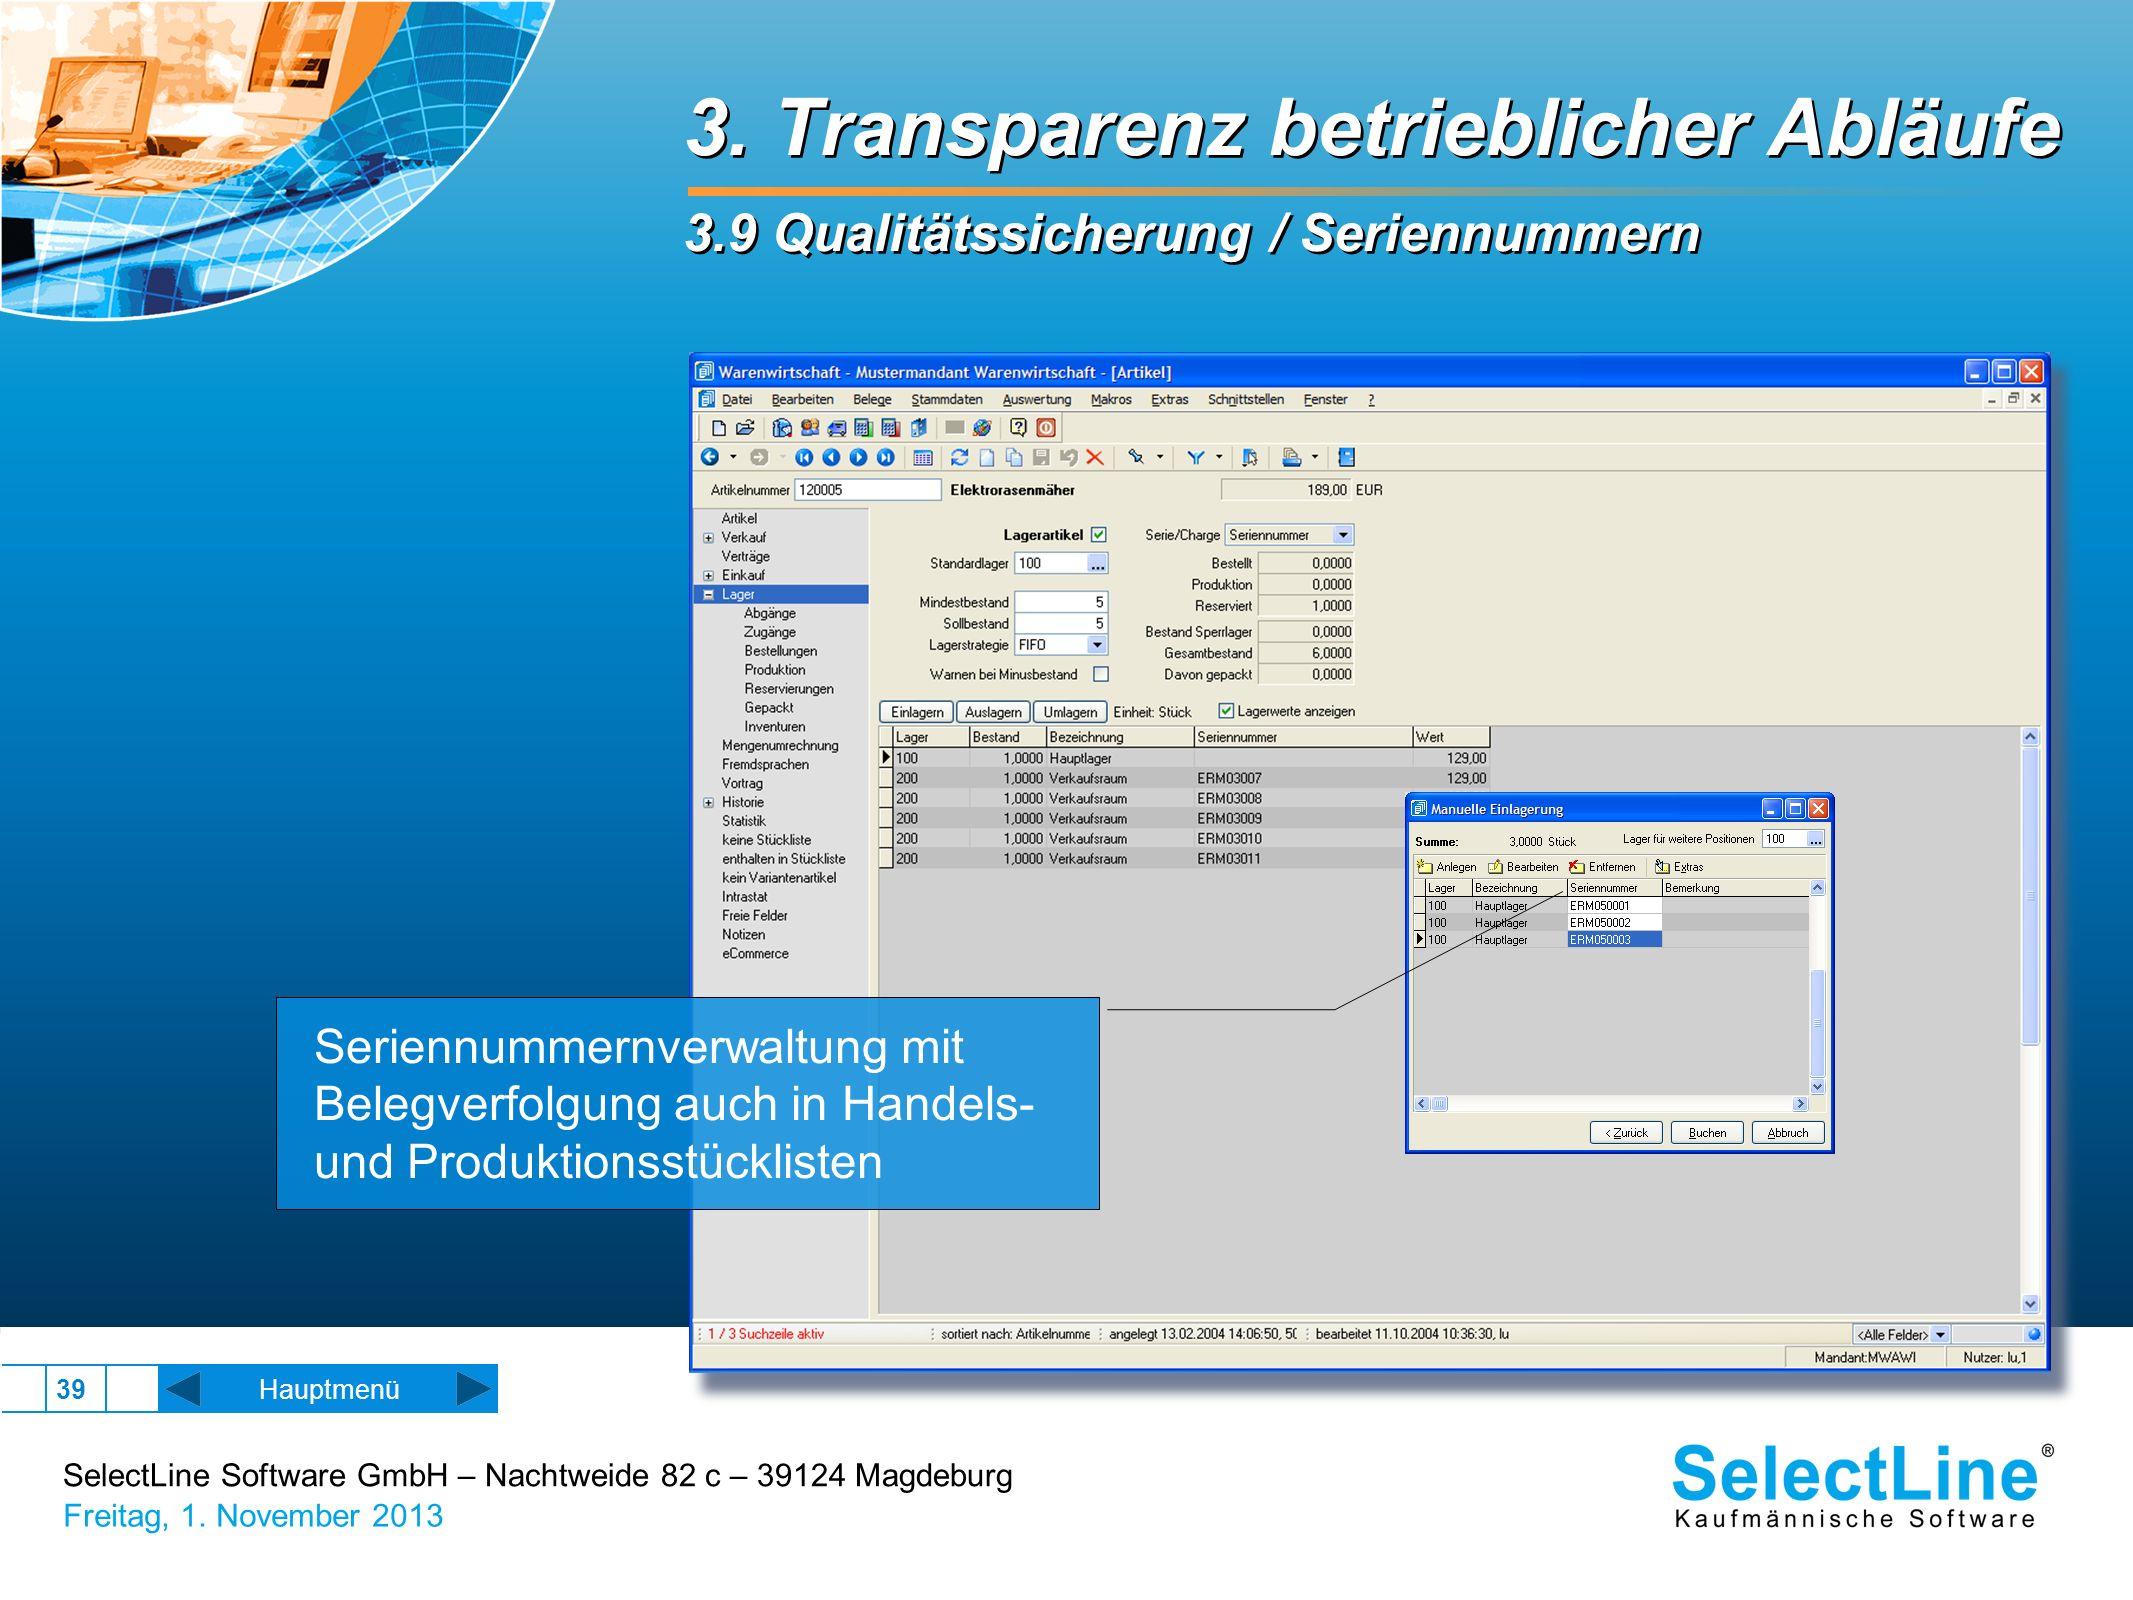 SelectLine Software GmbH – Nachtweide 82 c – 39124 Magdeburg Freitag, 1. November 2013 39 3. Transparenz betrieblicher Abläufe 3.9 Qualitätssicherung